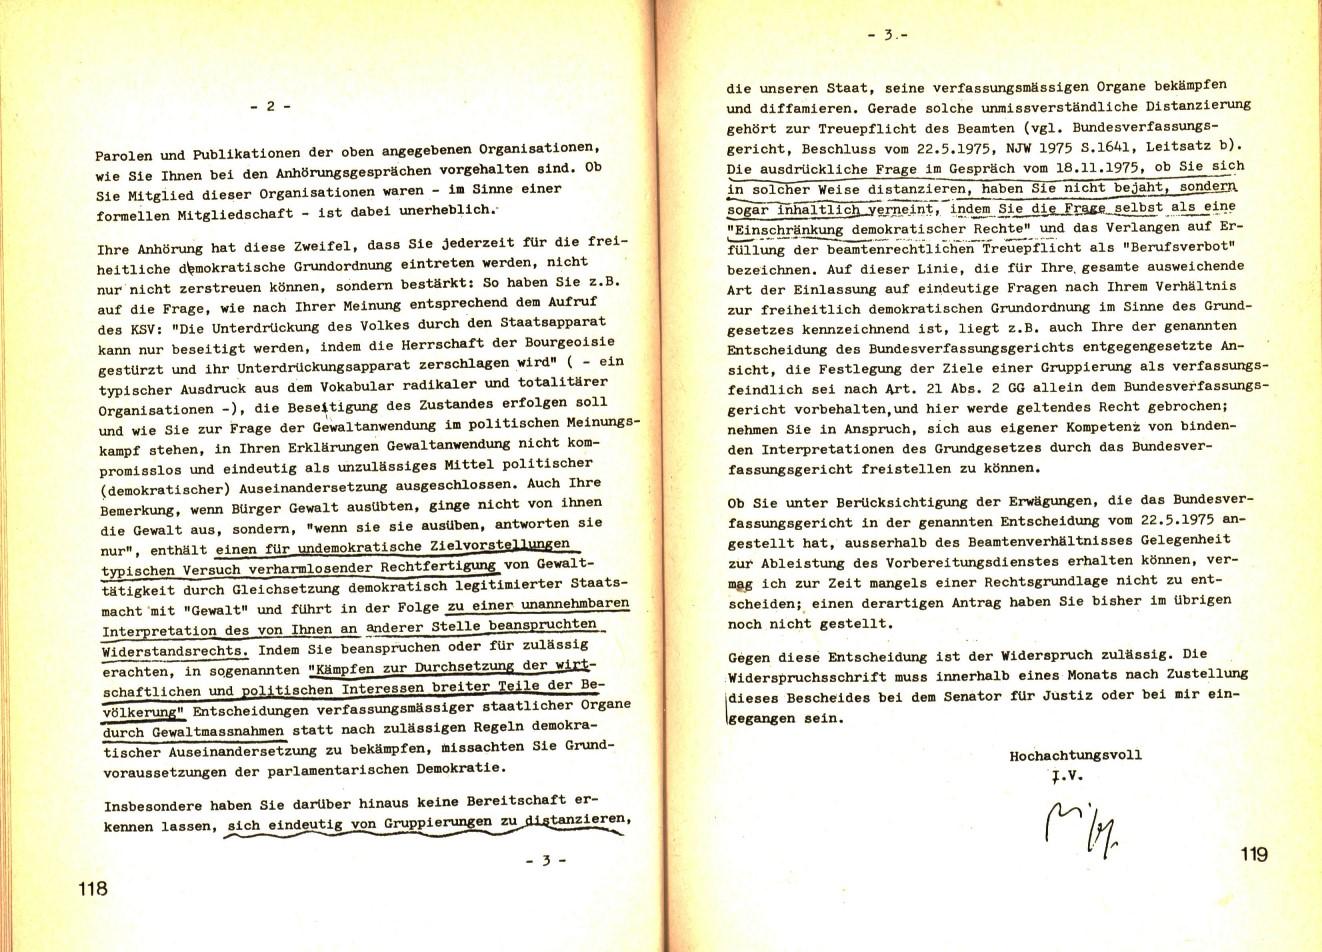 Berlin_VDS_Aktionskomitee_1976_BerufsverboteIII_61